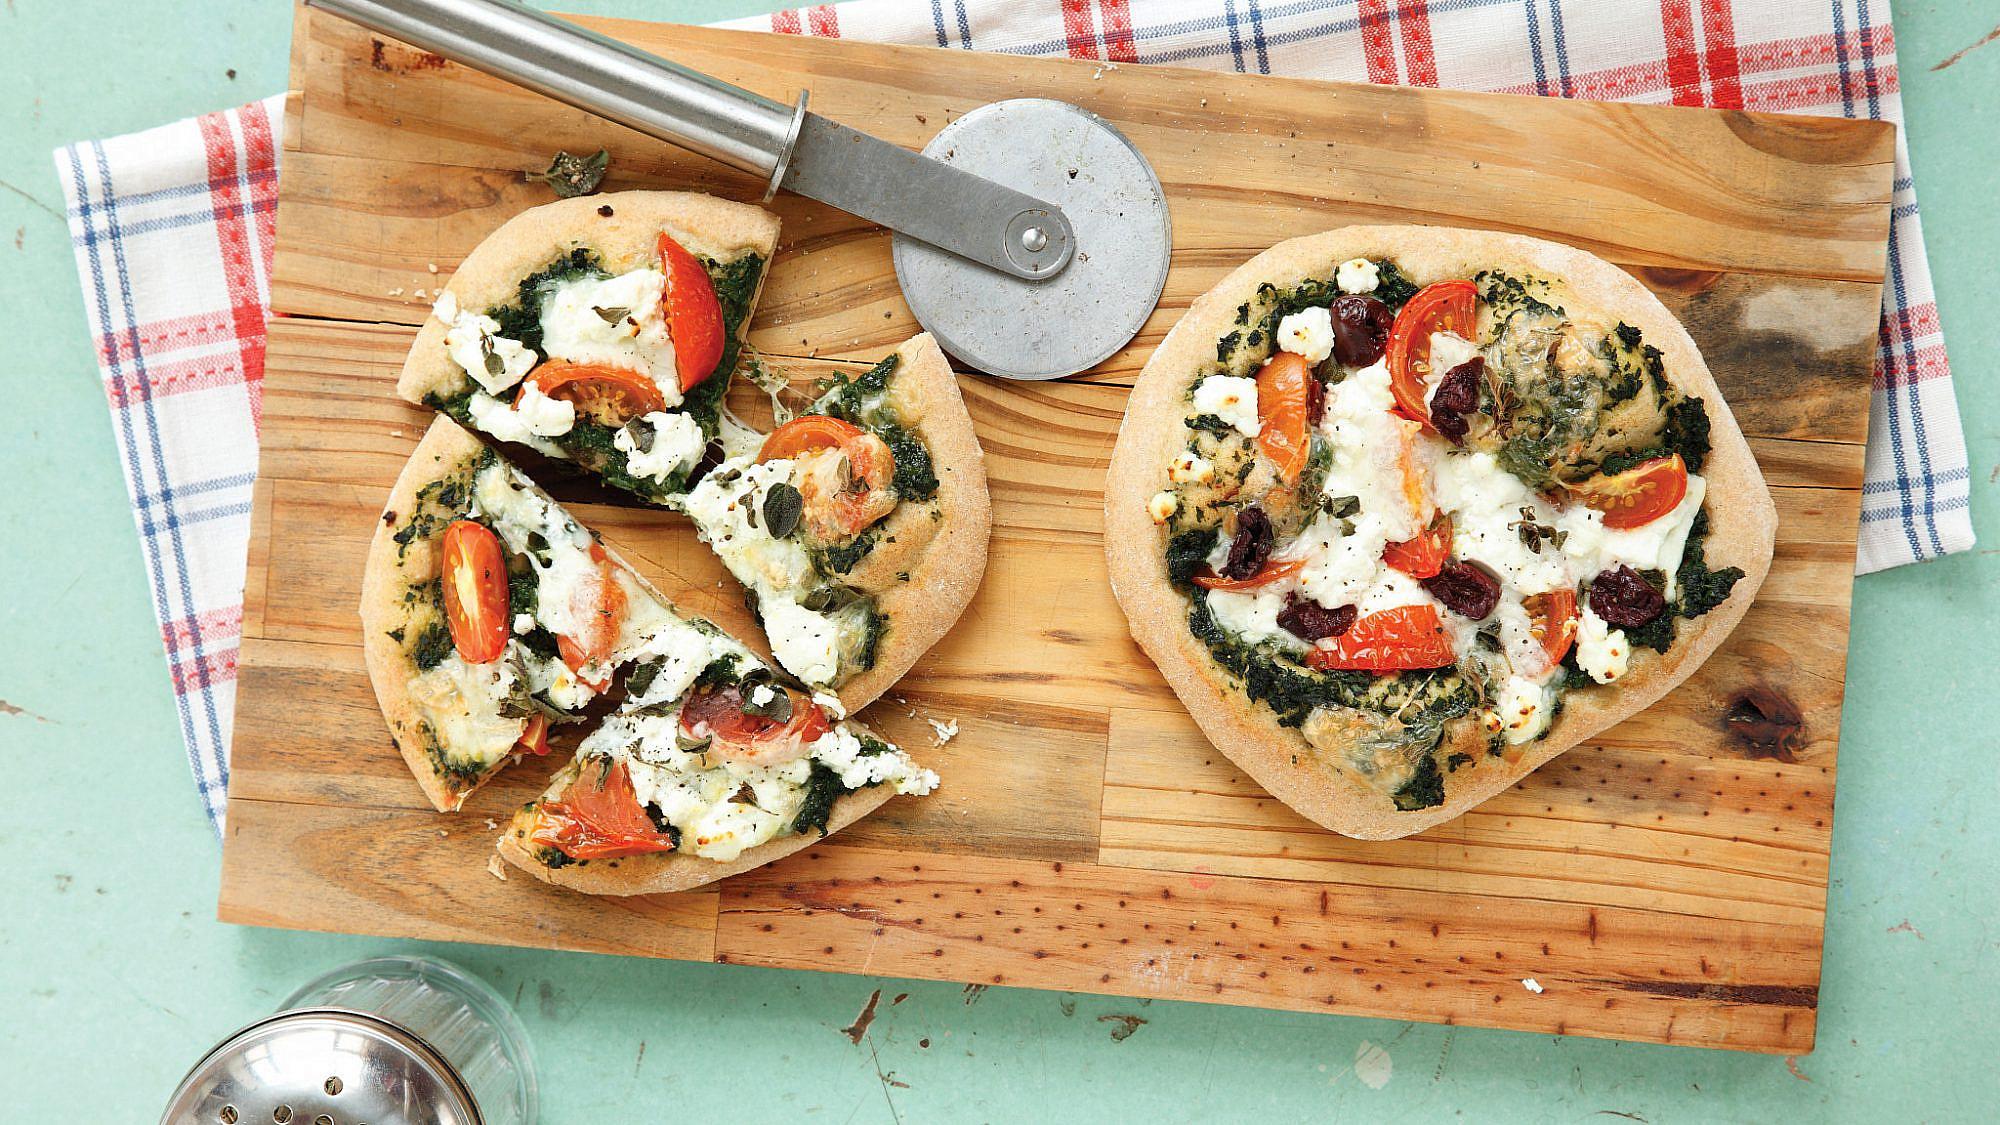 פיצה תרד עם גבינות, עגבנייה וזיתים של אוריה גבע. צילום: דניה ויינר